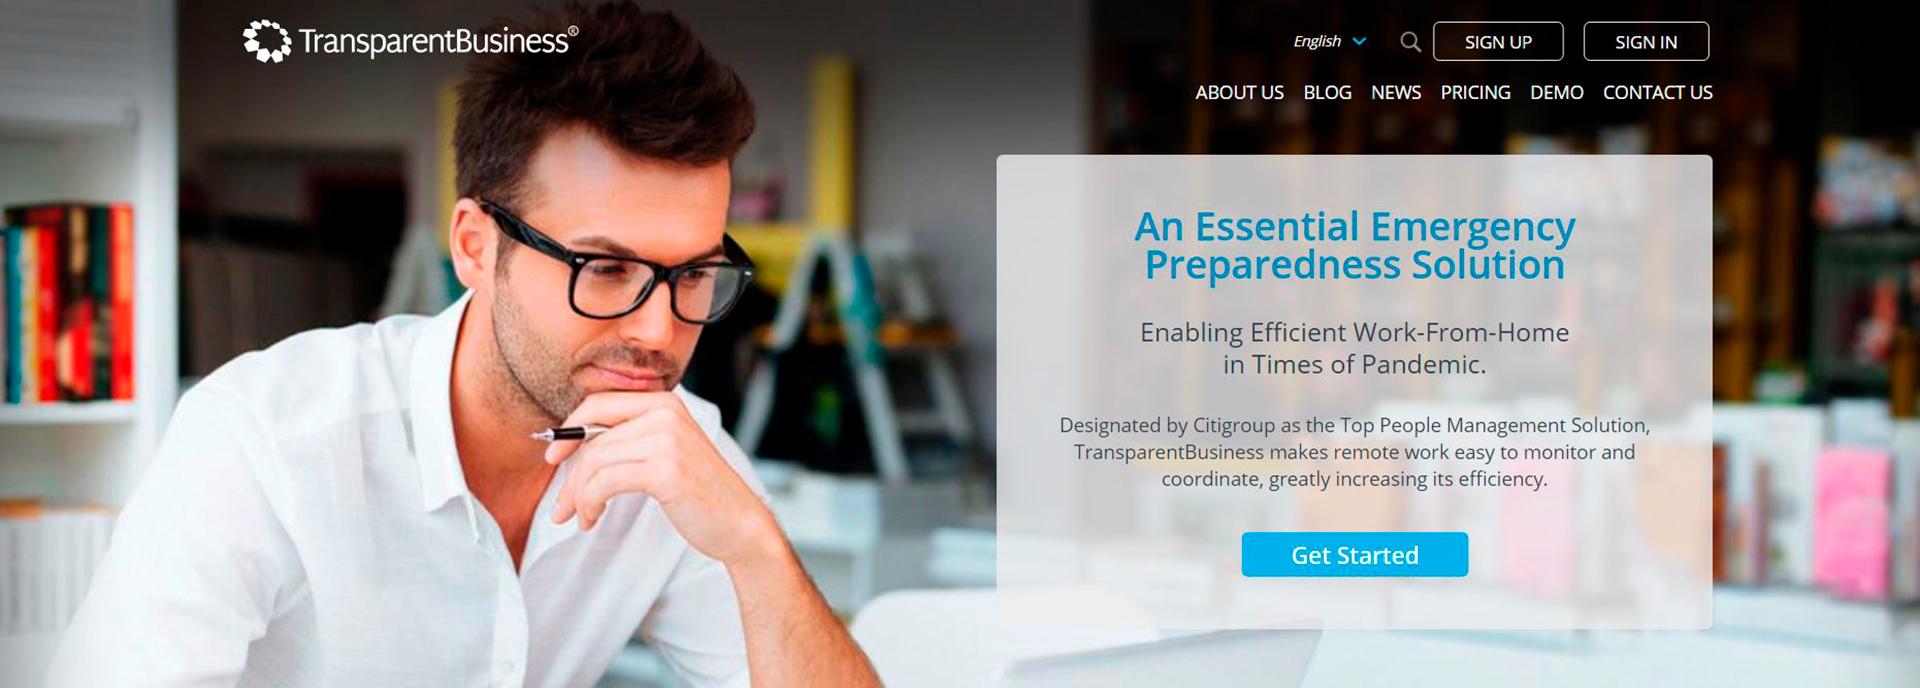 TransparentBusiness es una plataforma de software en la nube (SaaS) para la gestión de equipos distribuidos y trabajo remoto